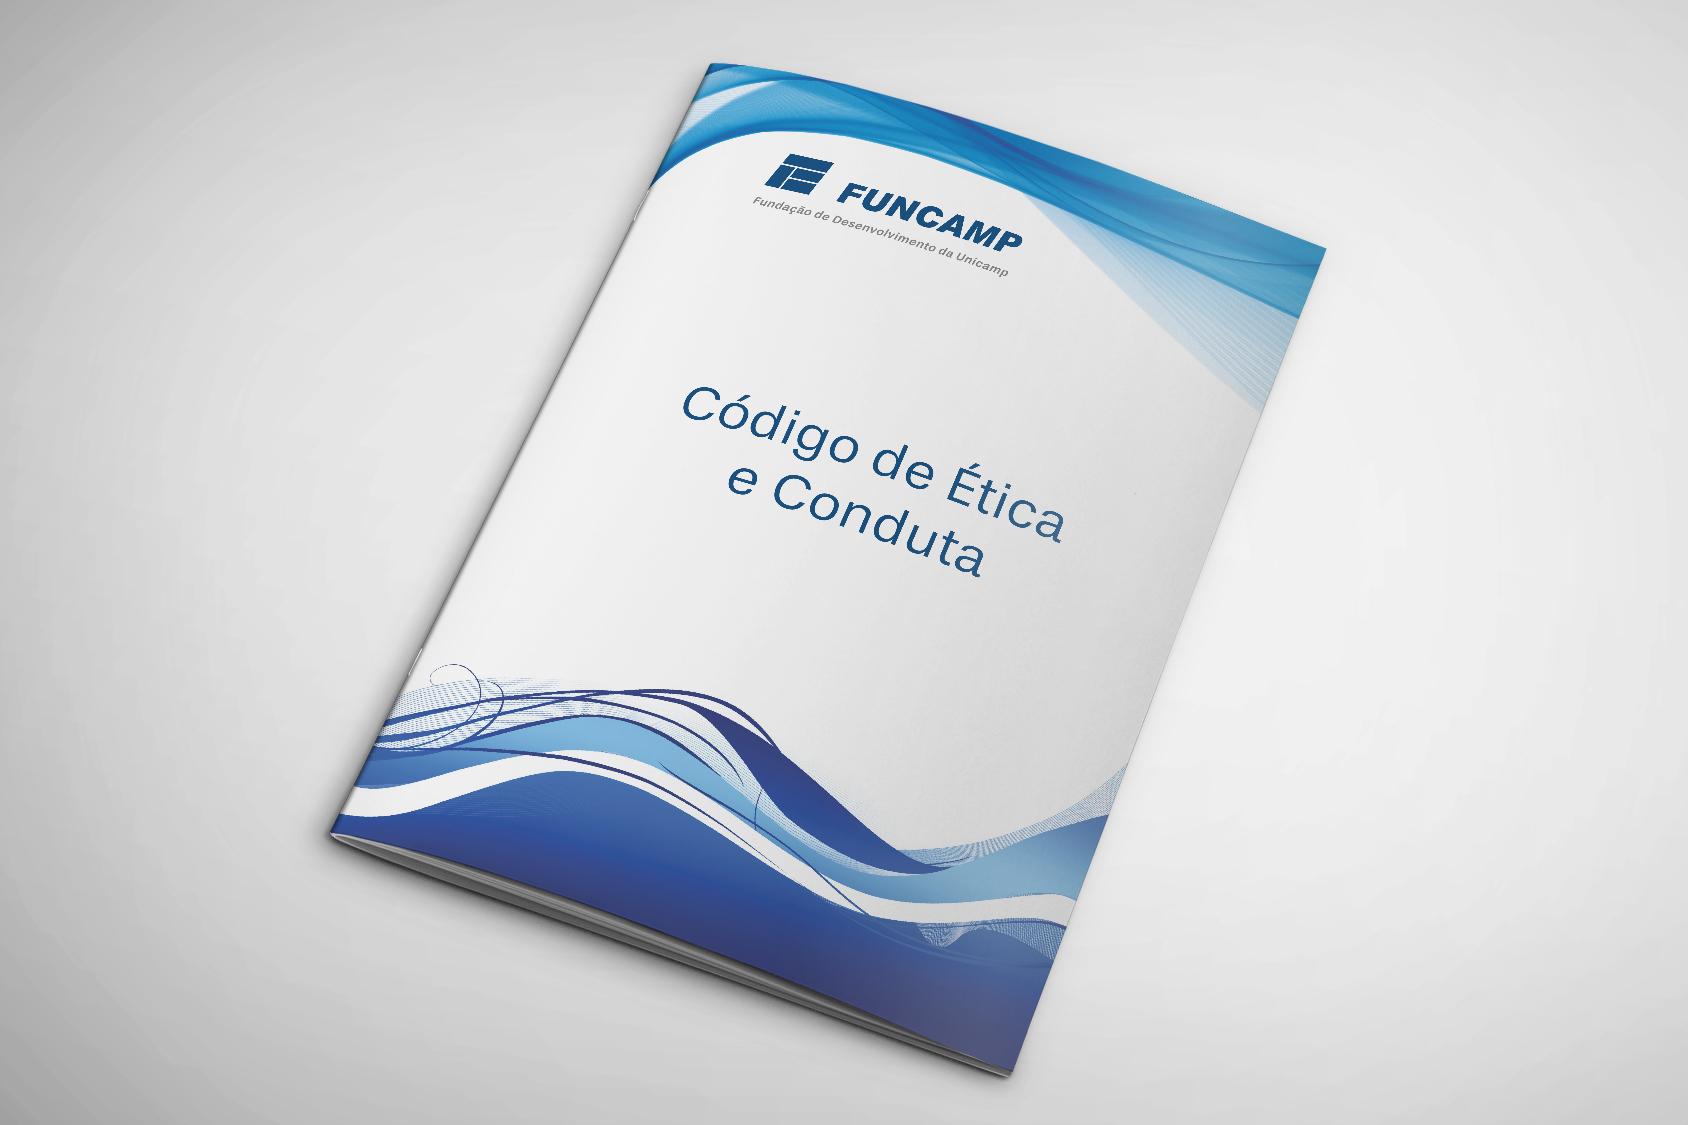 livro com a capa branca com ondas azuis na parte superior e inferior e no meio escrito código de ética e conduta.